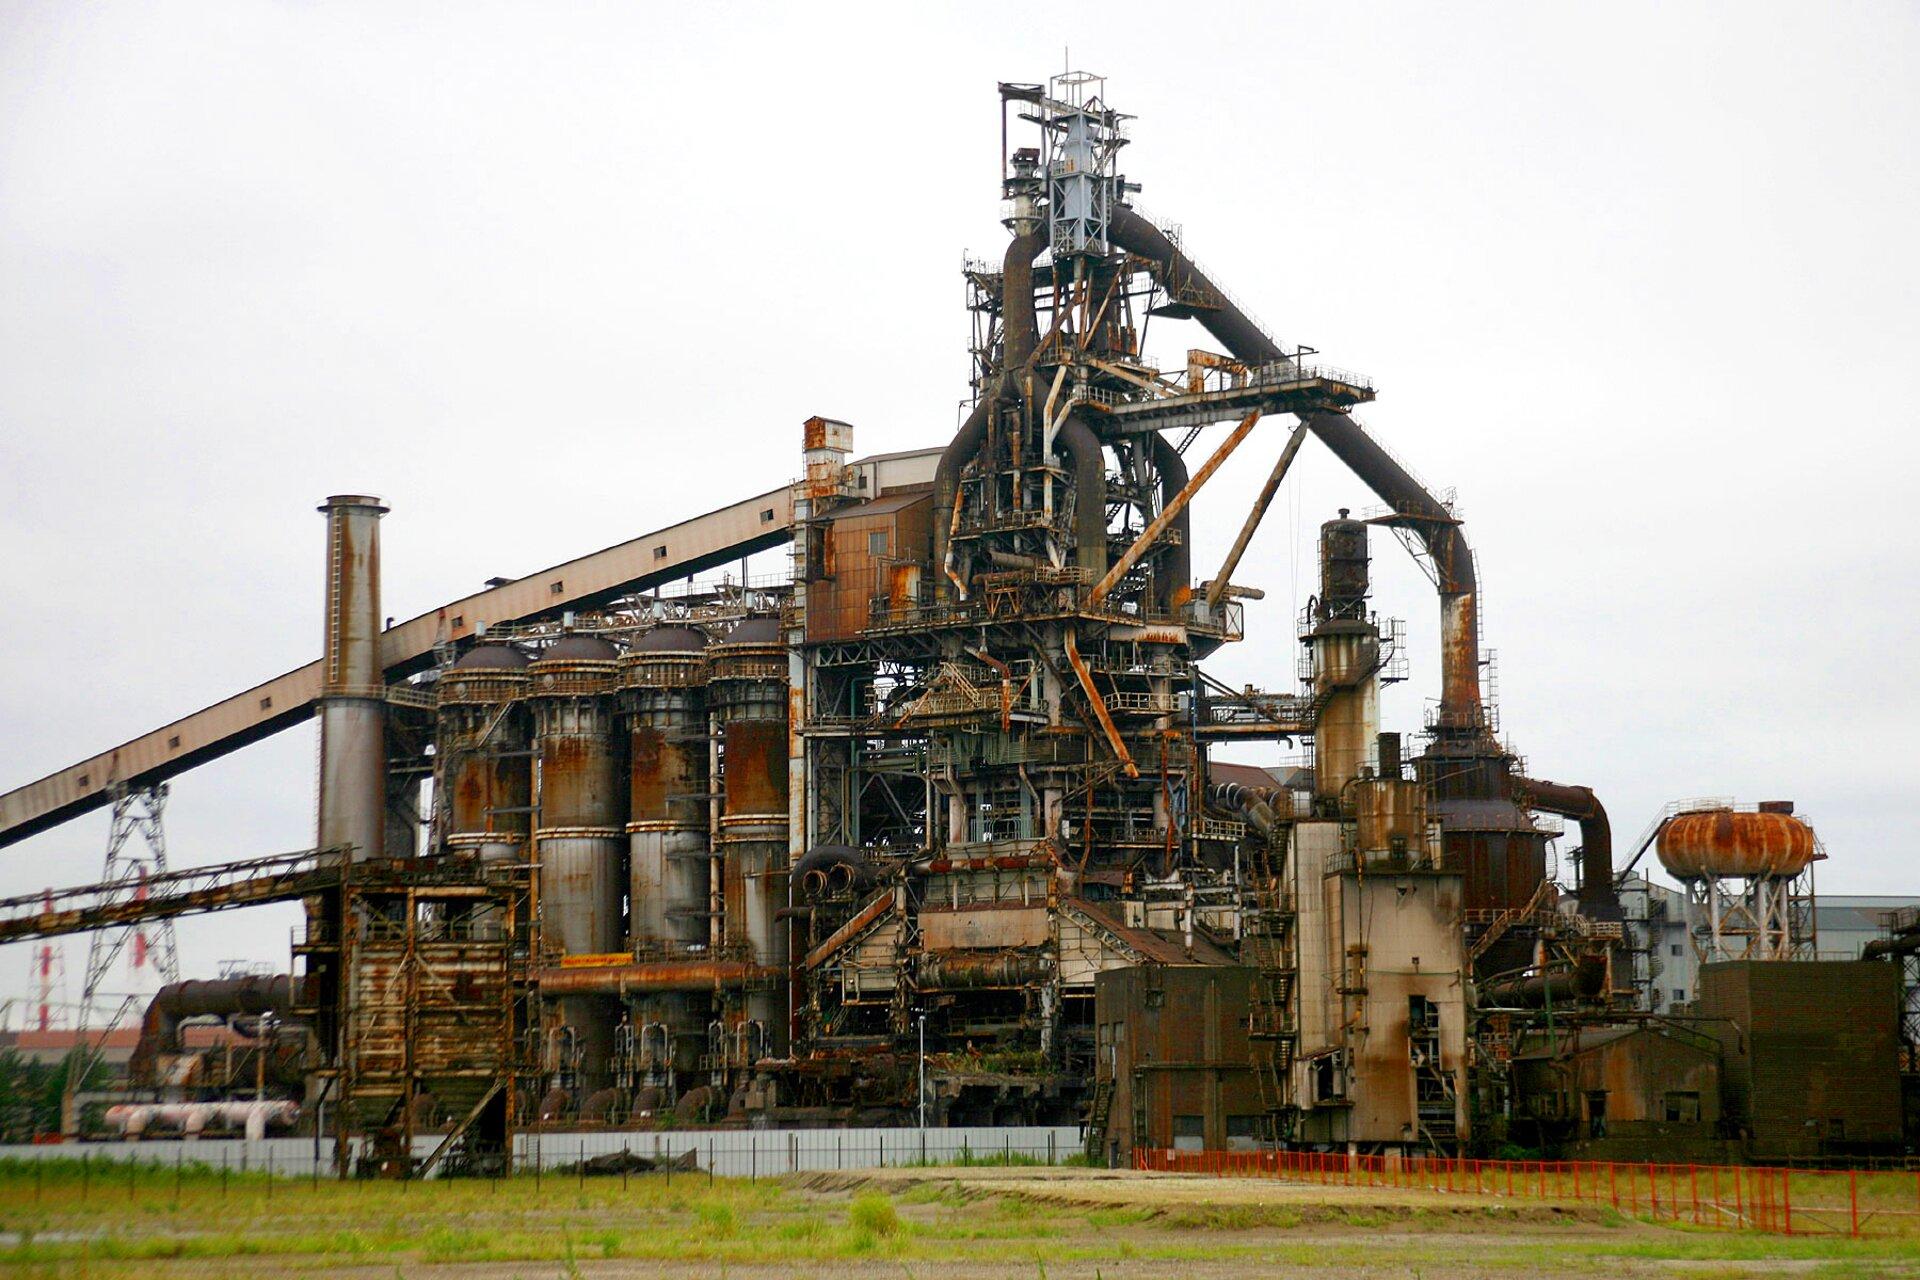 Zdjęcie przedstawia kompleks hutniczy zwidocznym wielometrowym wielkim piecem otoczonym ze wszystkich stron przez platformy, rury itaśmociągi do transportowania surowców.